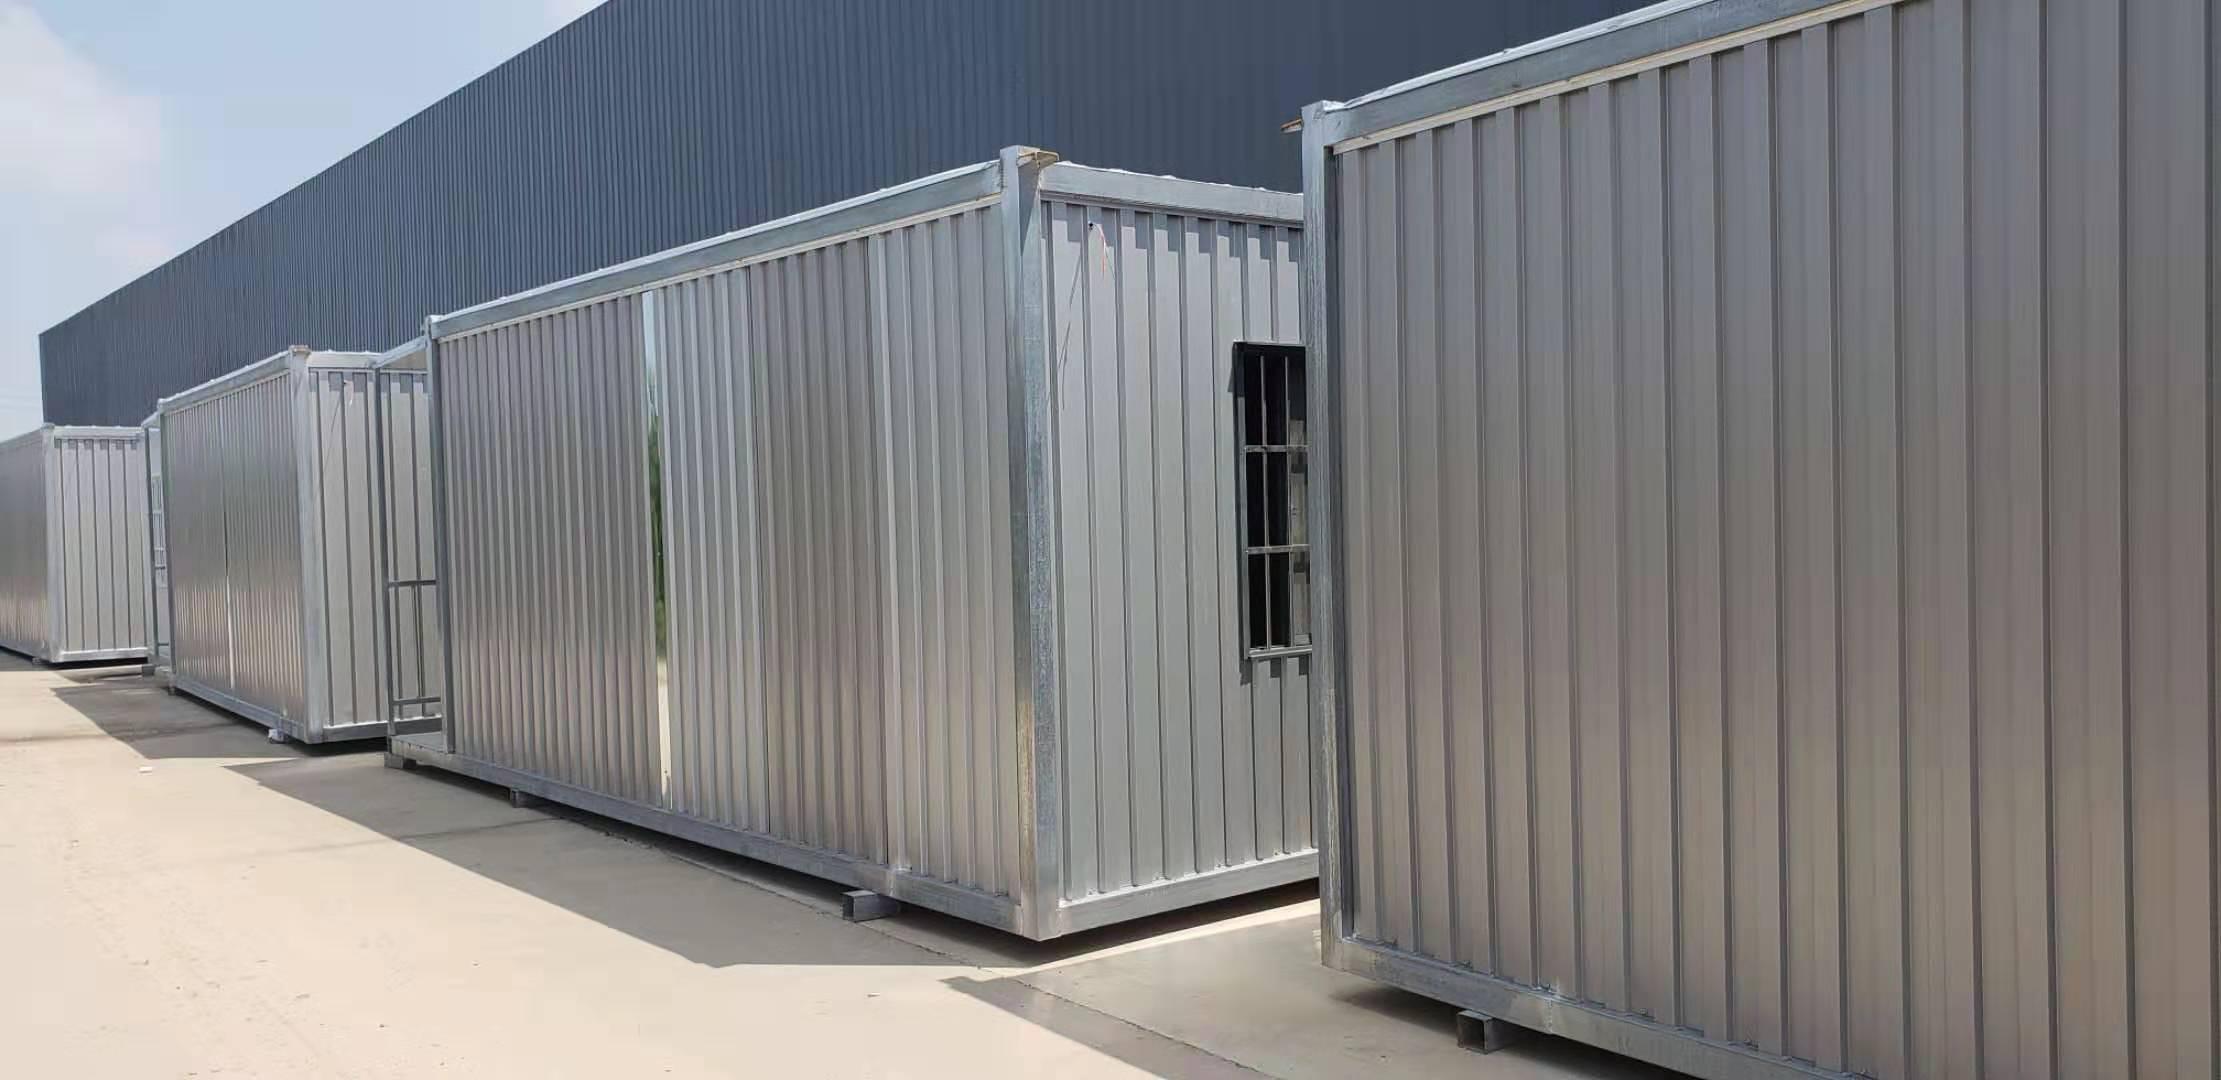 丰鑫居集装箱给大家介绍集装箱的施工工艺及施工要求